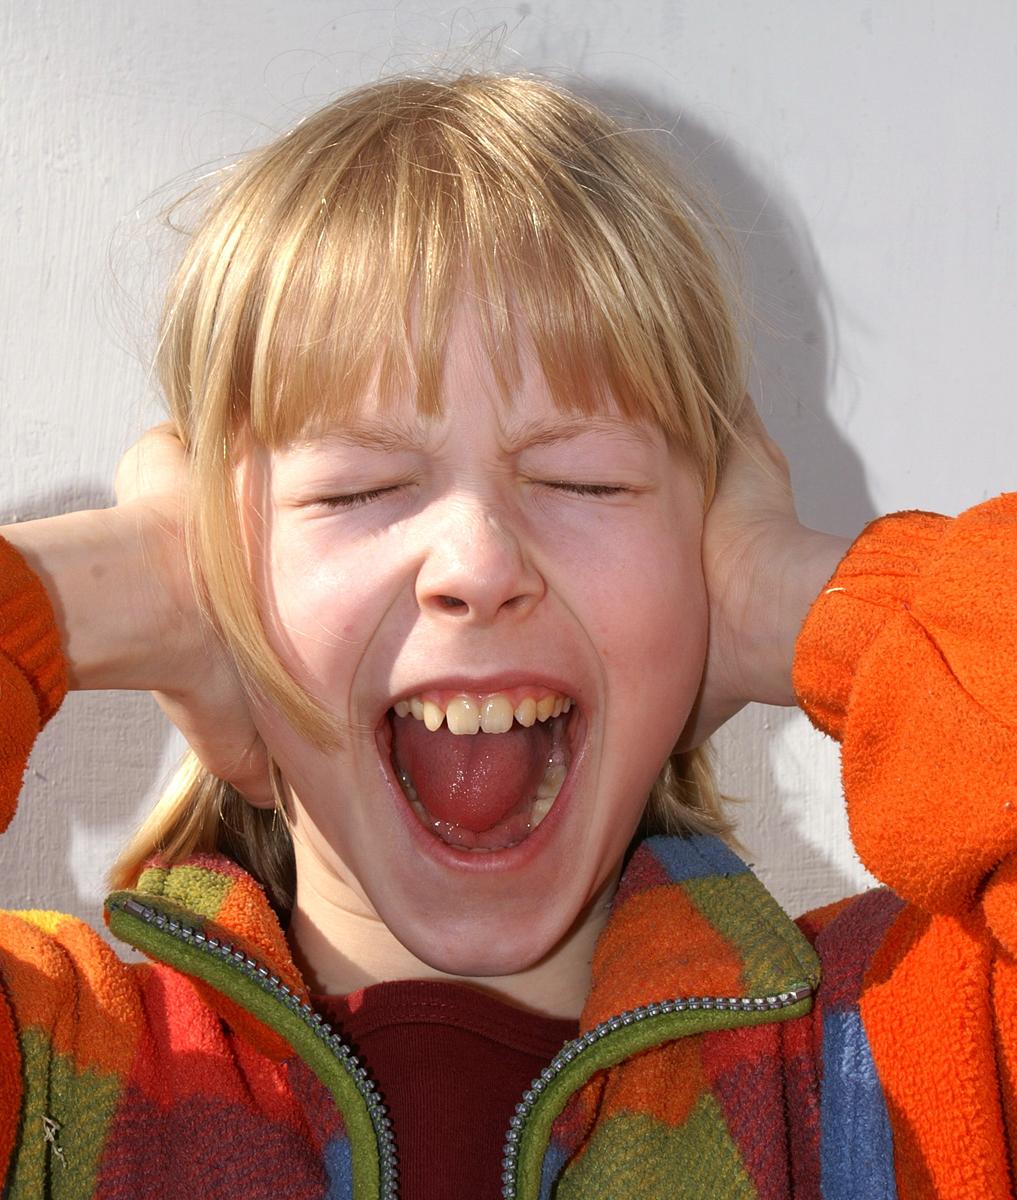 die hörentwicklung des babys  logopädie scheßlitz ~ Geschirrspülmaschine Laute Geräusche